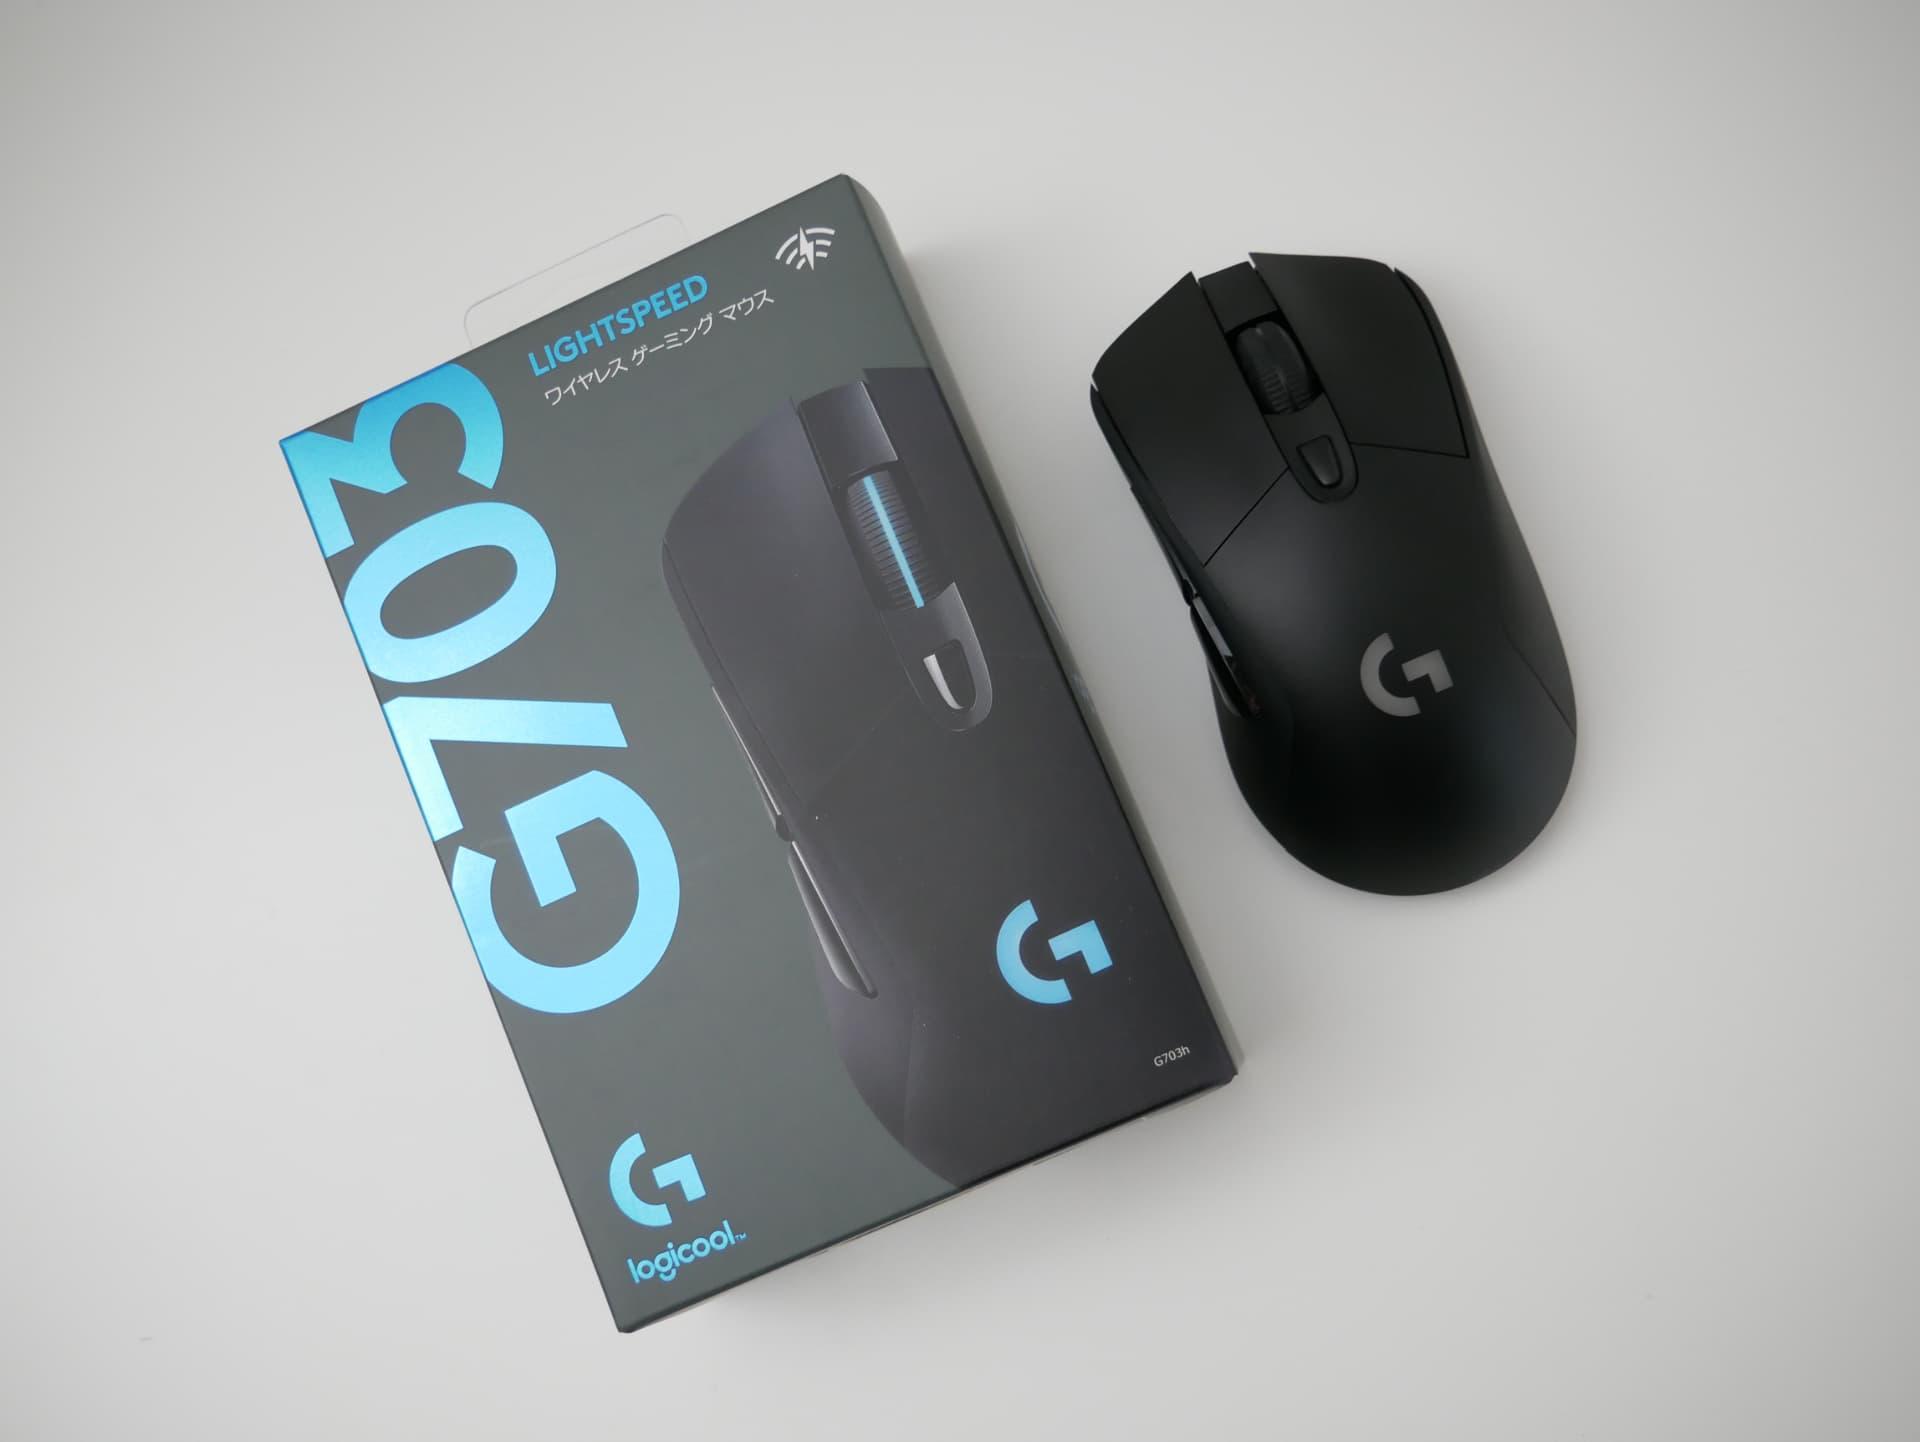 「Logicool G703h」レビュー。IE3.0クローンが好みならば持っておいて損はない無線ゲーミングマウス